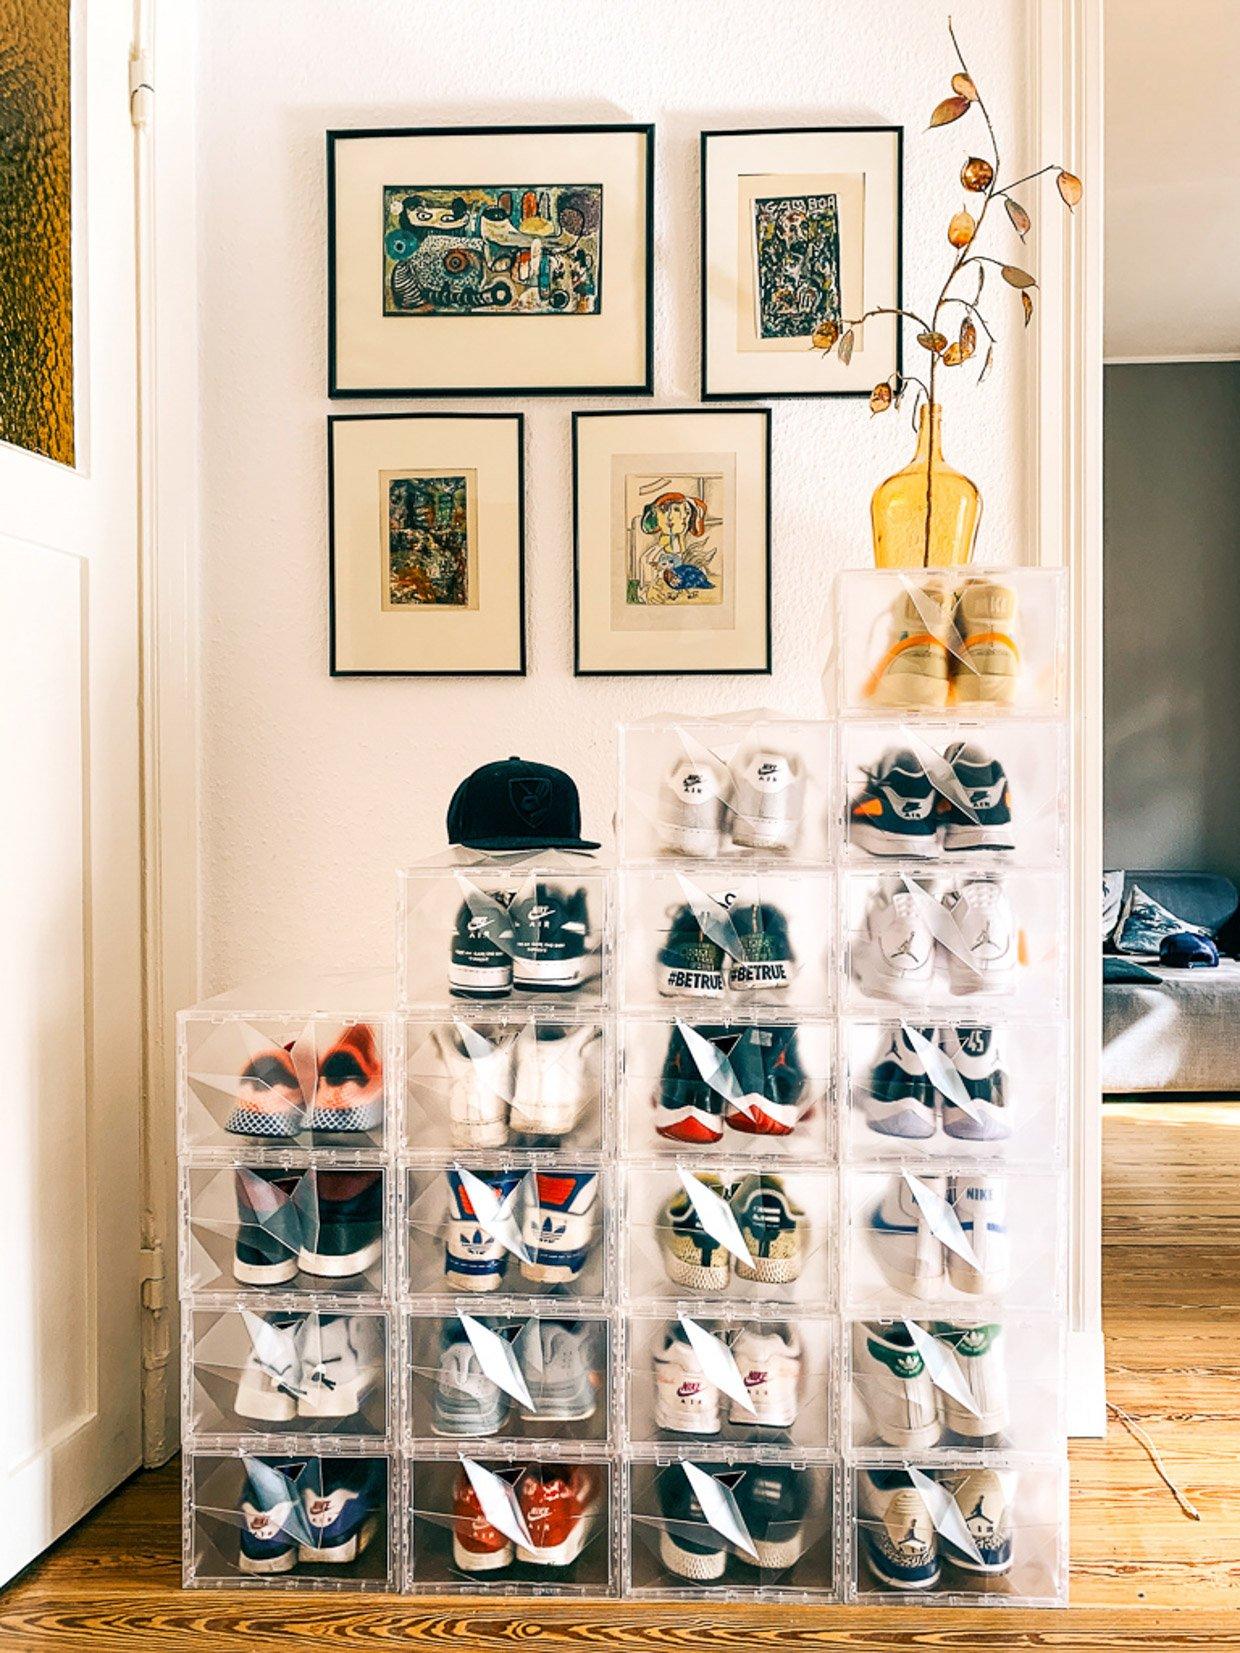 RCKZ Sneaker Boxes